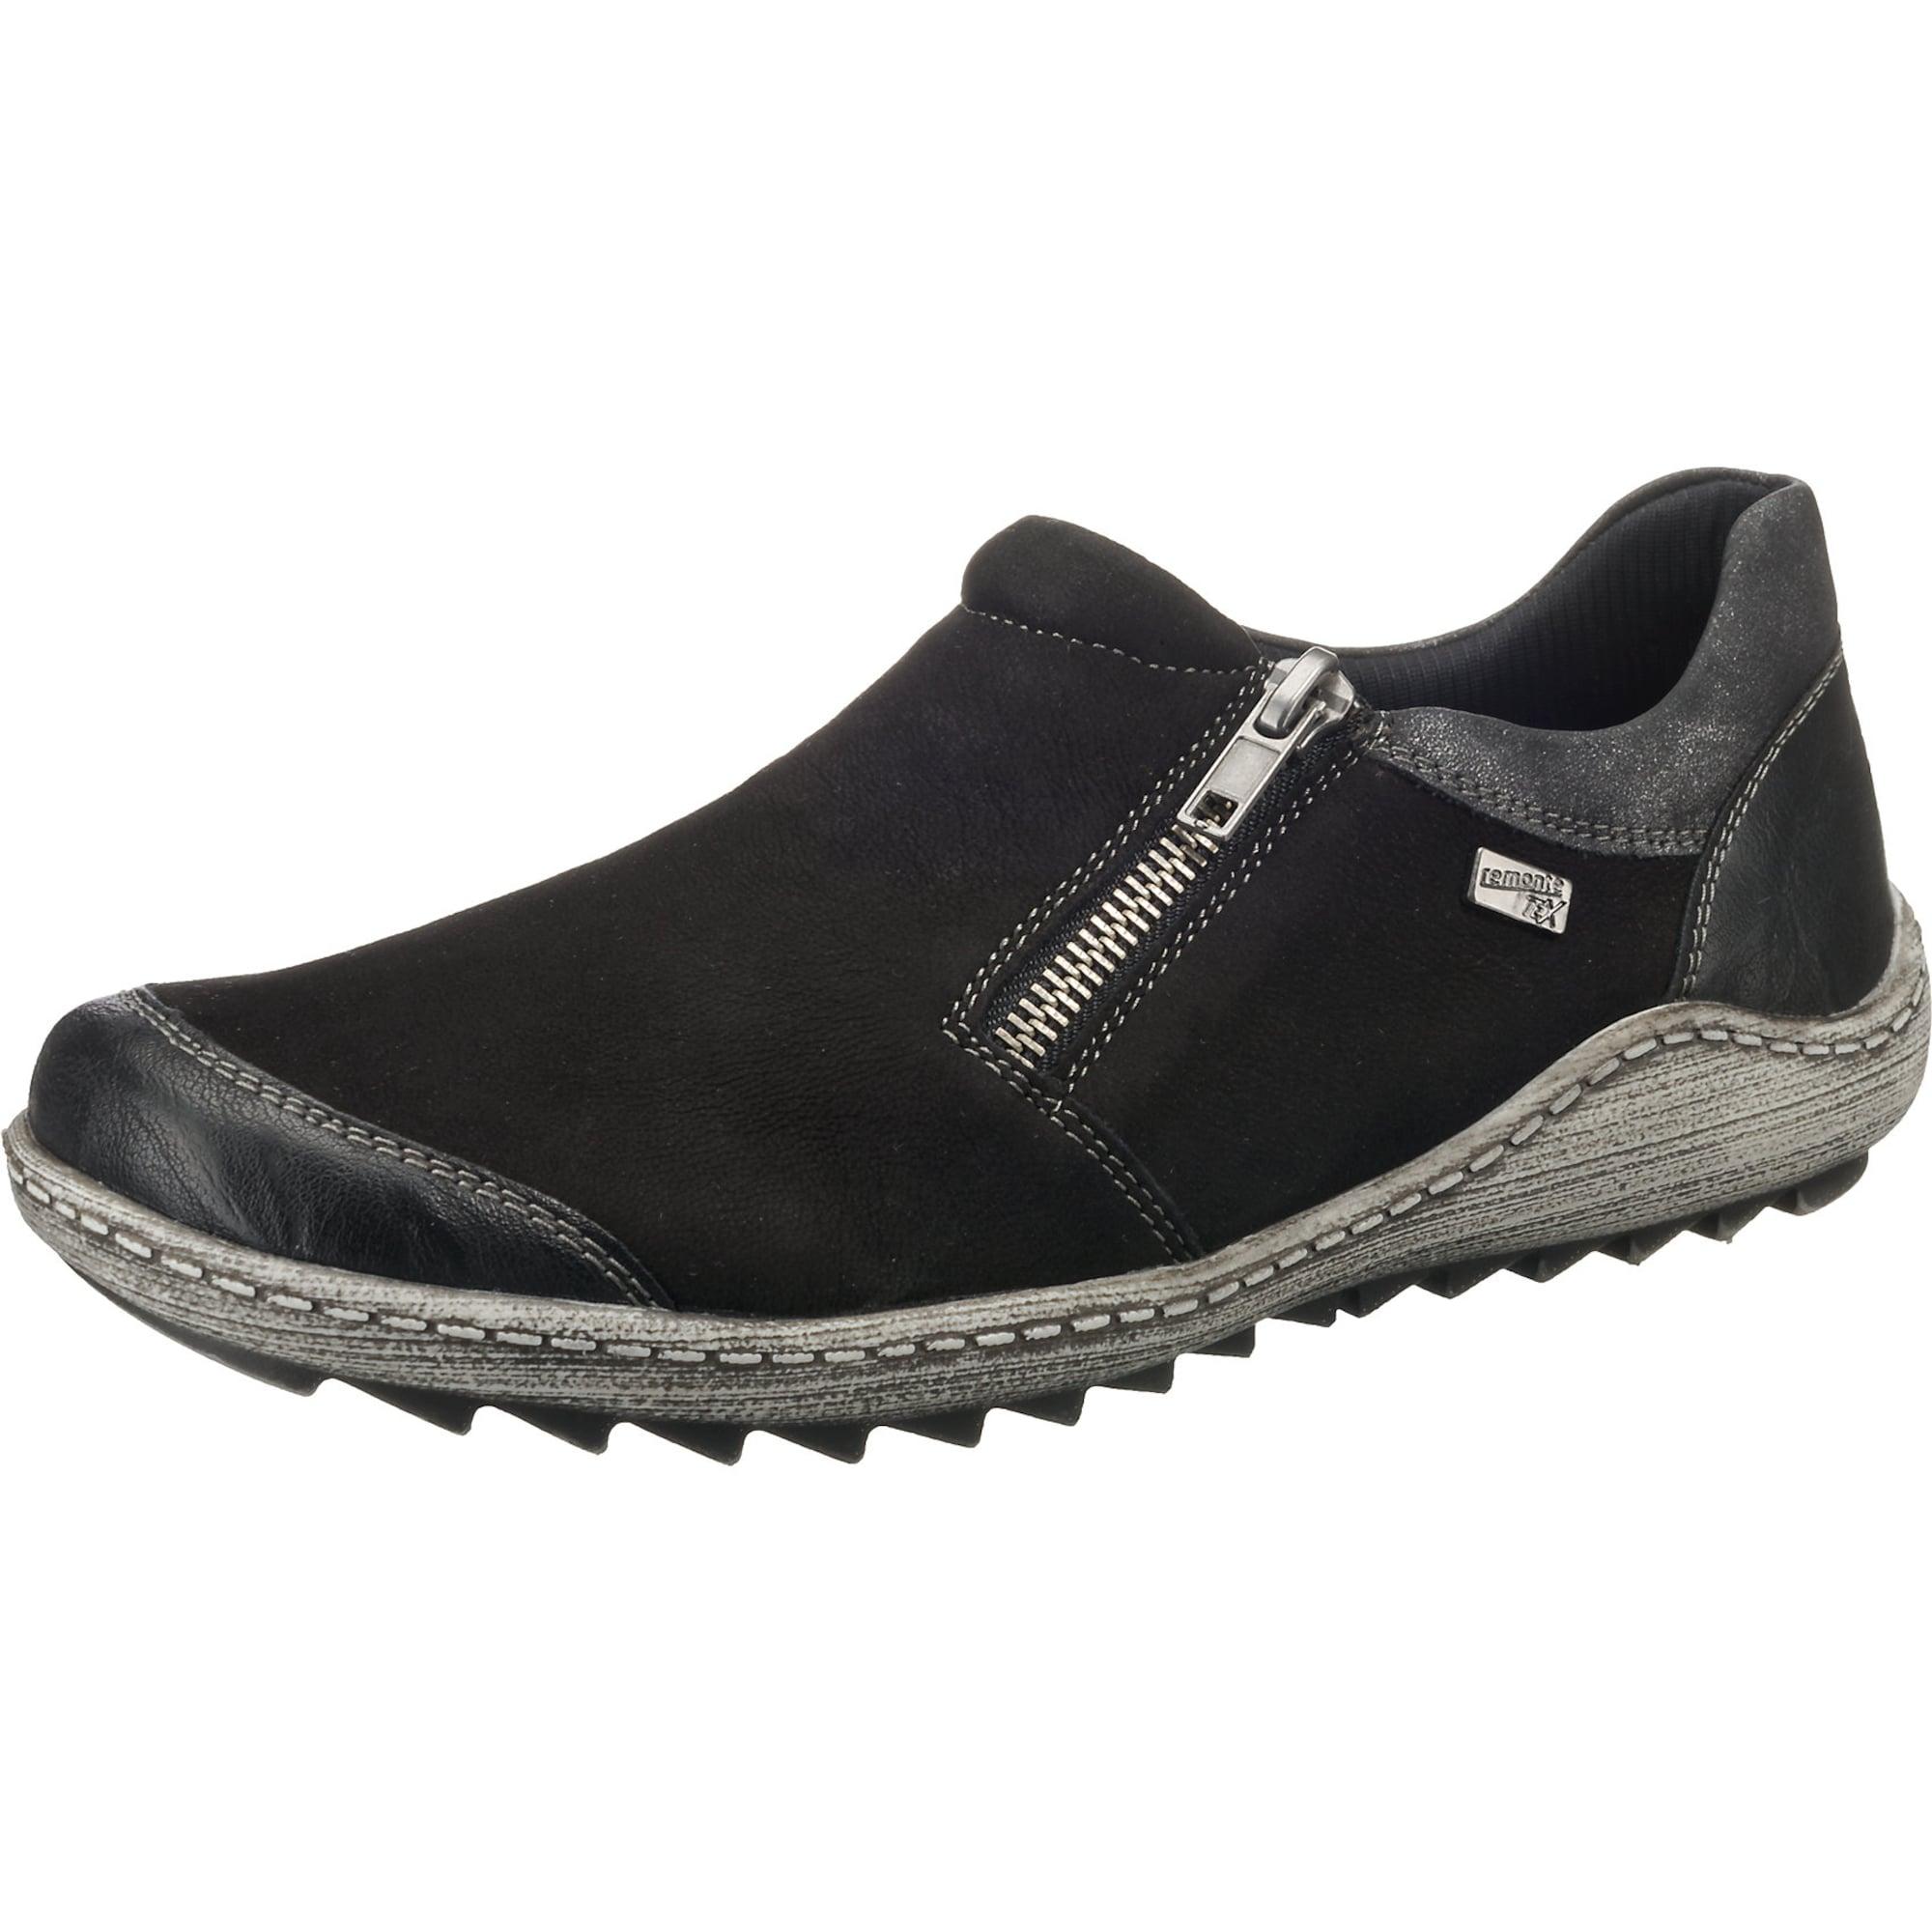 Halbschuhe | Schuhe > Boots > Schnürboots | Remonte